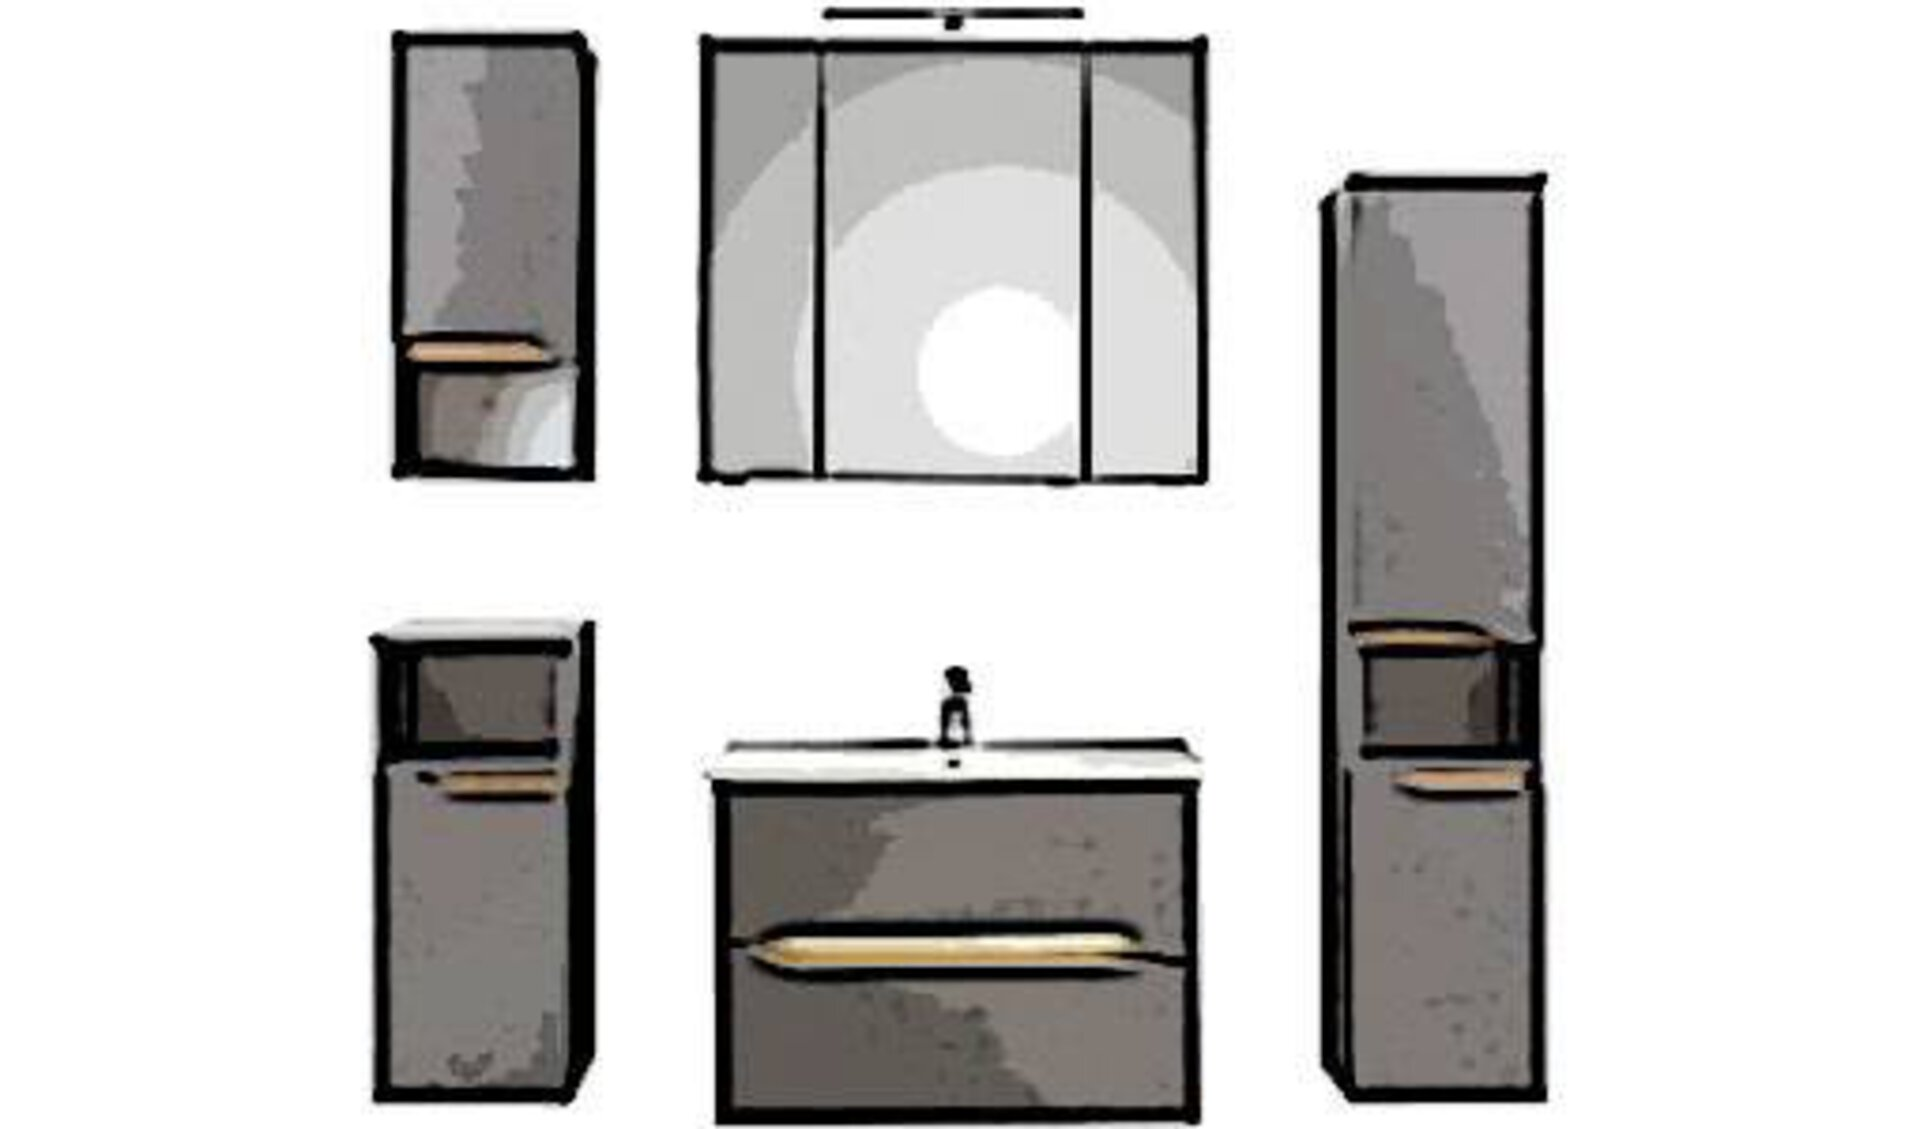 Badezimmer bestehend aus Waschtisch mit Waschbecken, Spigelschrank mit 3 verspiegelten Schranktüren, Hochschrank, Unterschrank und Hängeschrank. Die abgebildeten Möbel sind grau und mit Naturholz durchzogen.